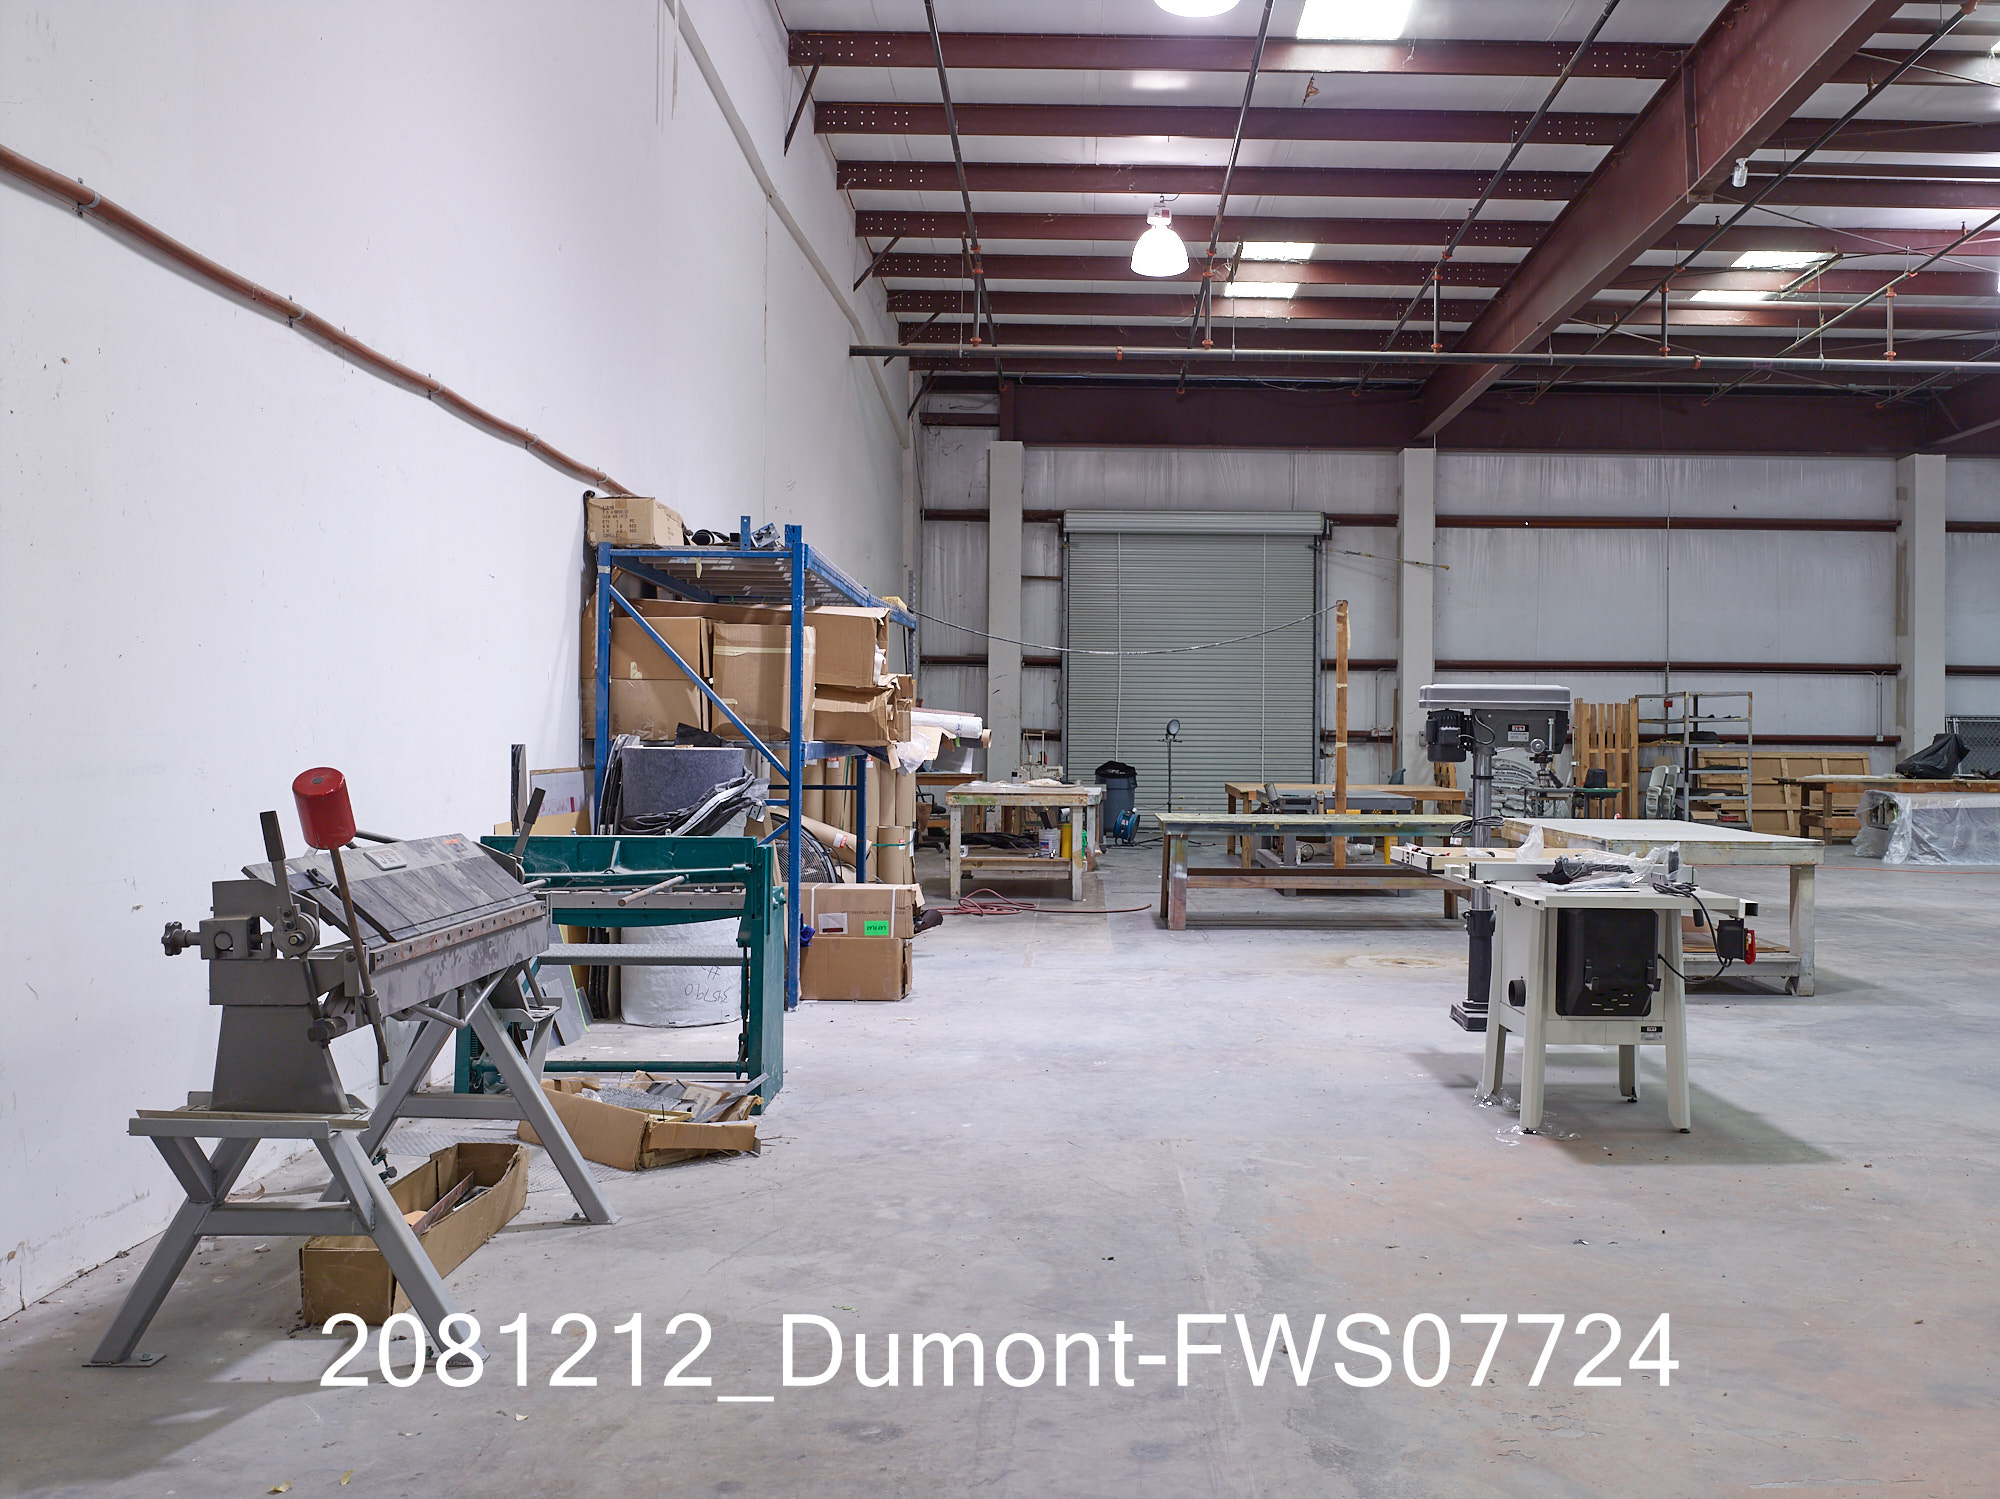 2081212_Dumont-FWS07724.jpg